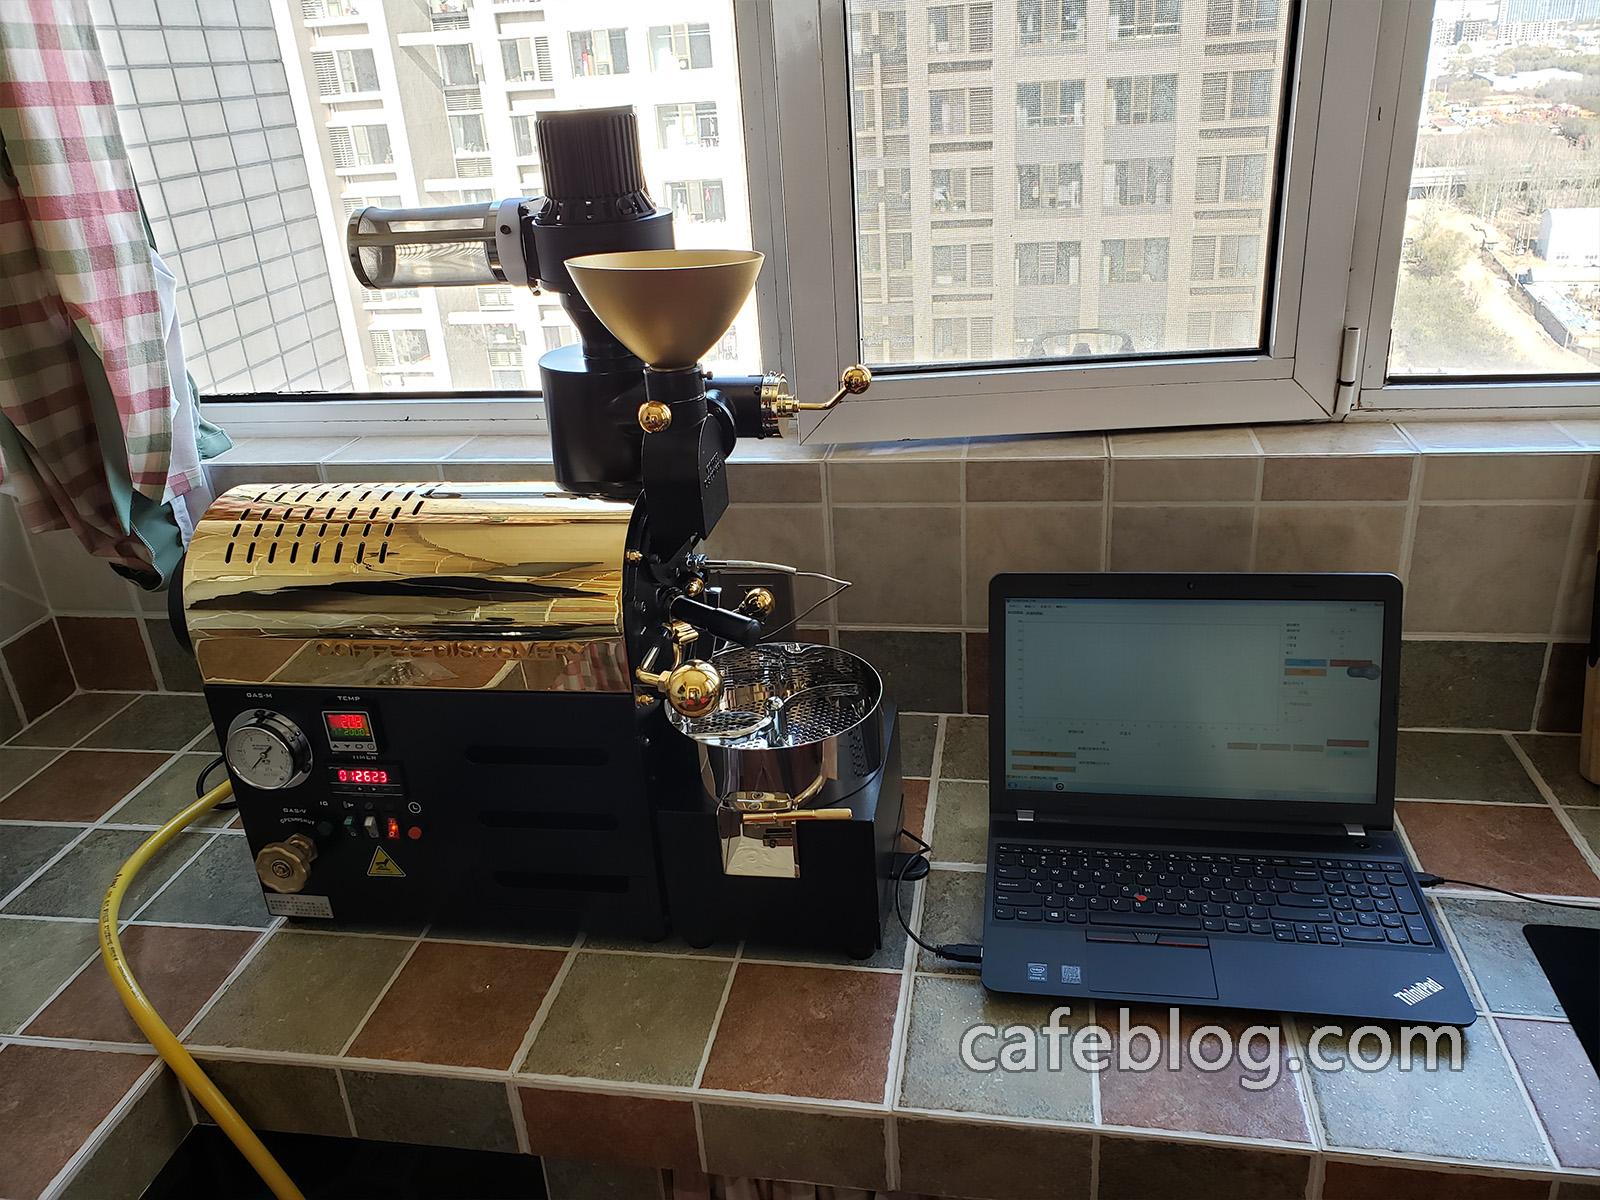 是一台电脑板DISCOVERY咖啡烘焙机。